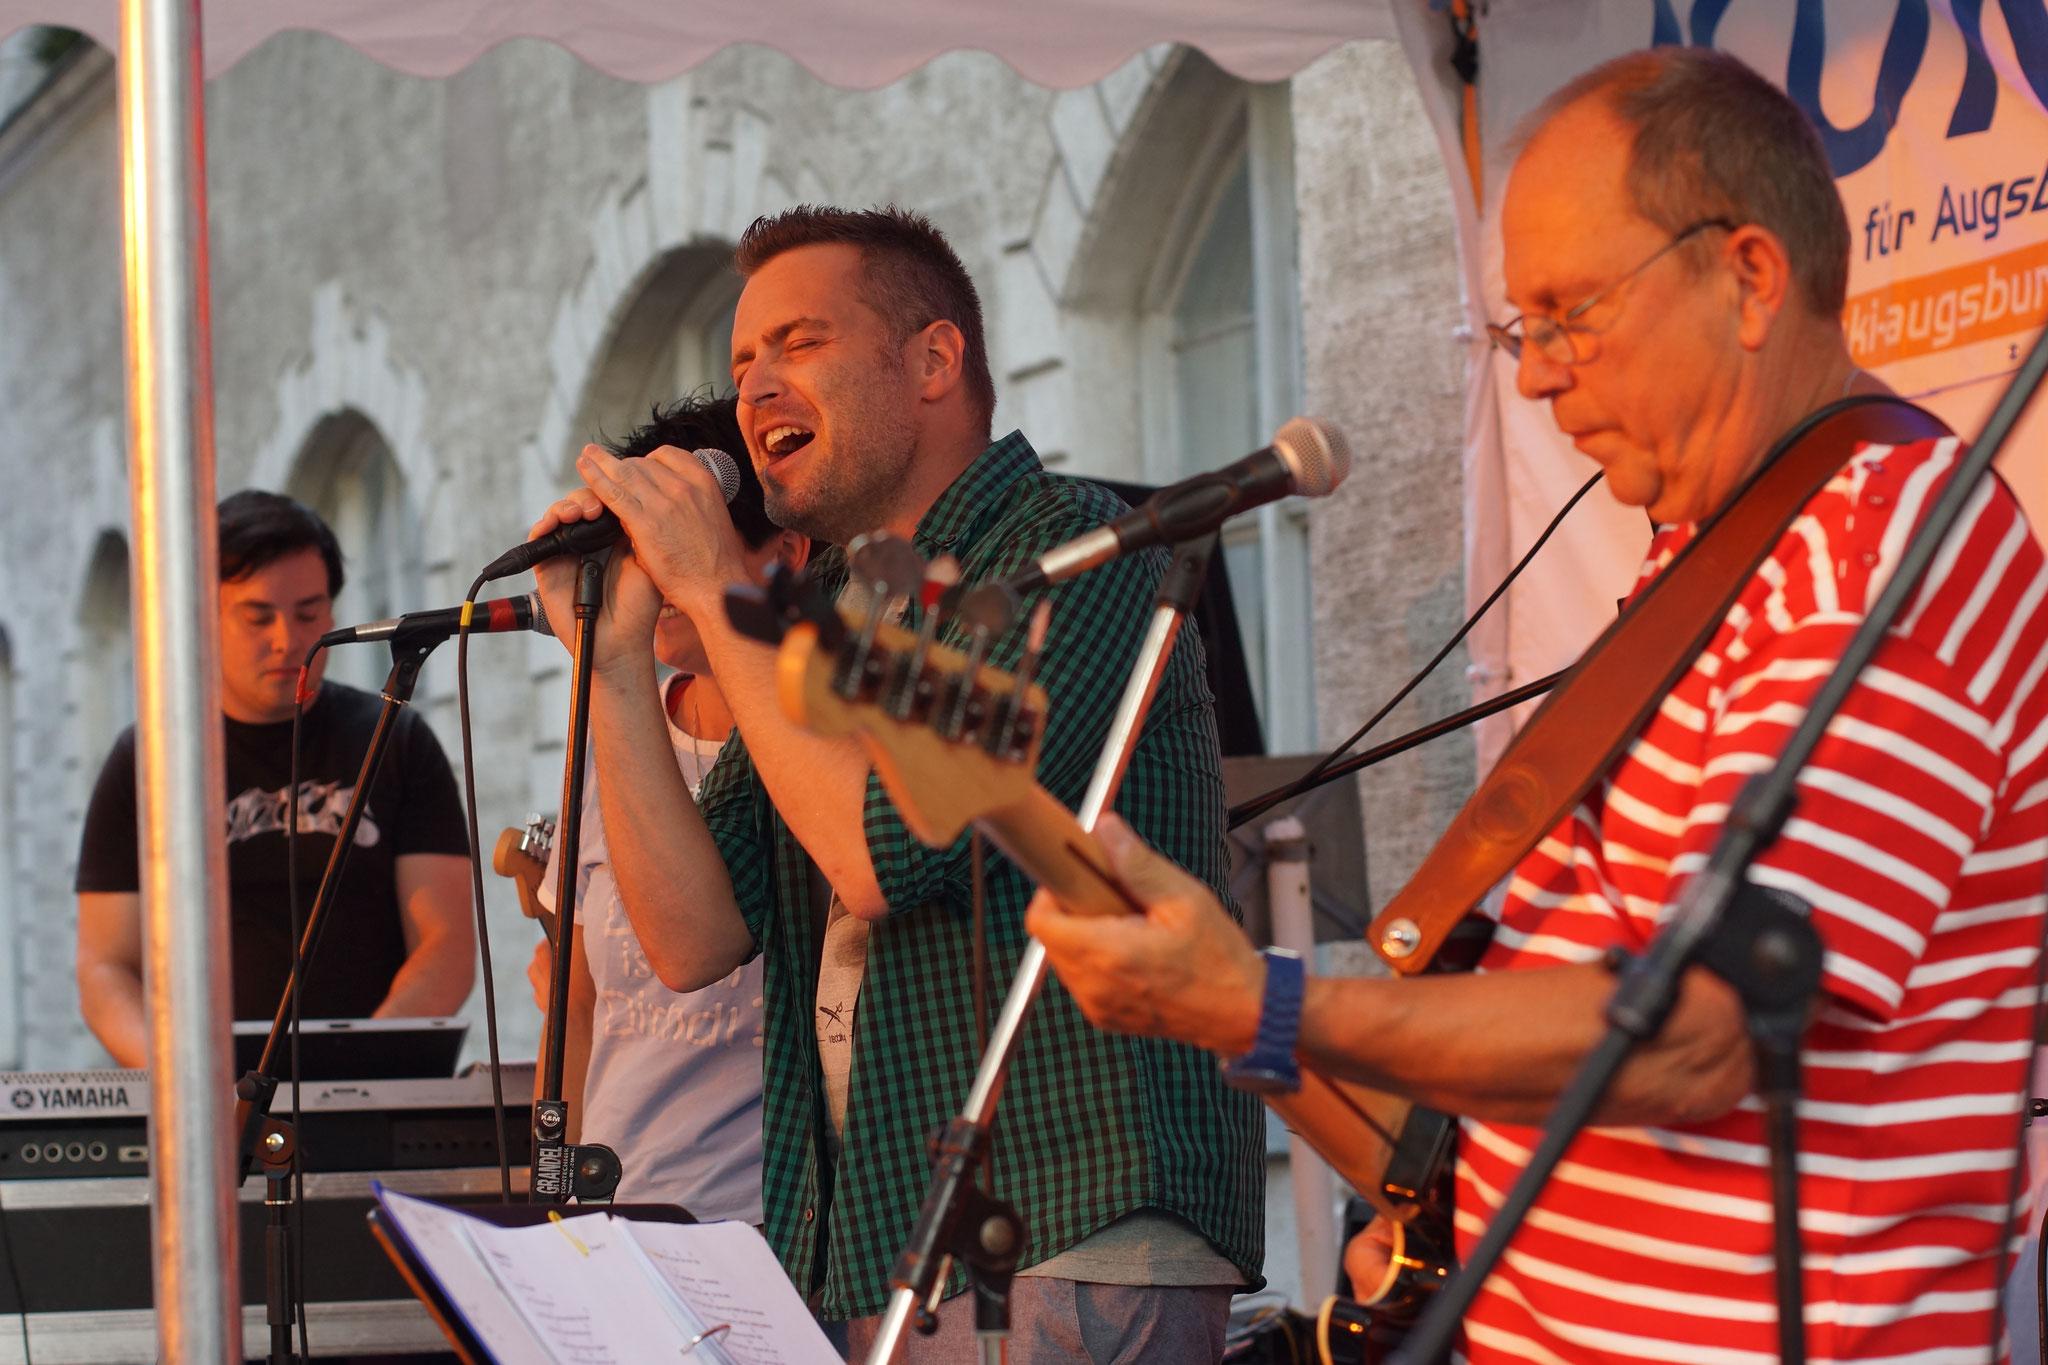 Konzerte im Bürgerhof 08.07.16 The Poolpaddlers - Freiwilligen-Zentrum Augsburg - Foto: Crayfish